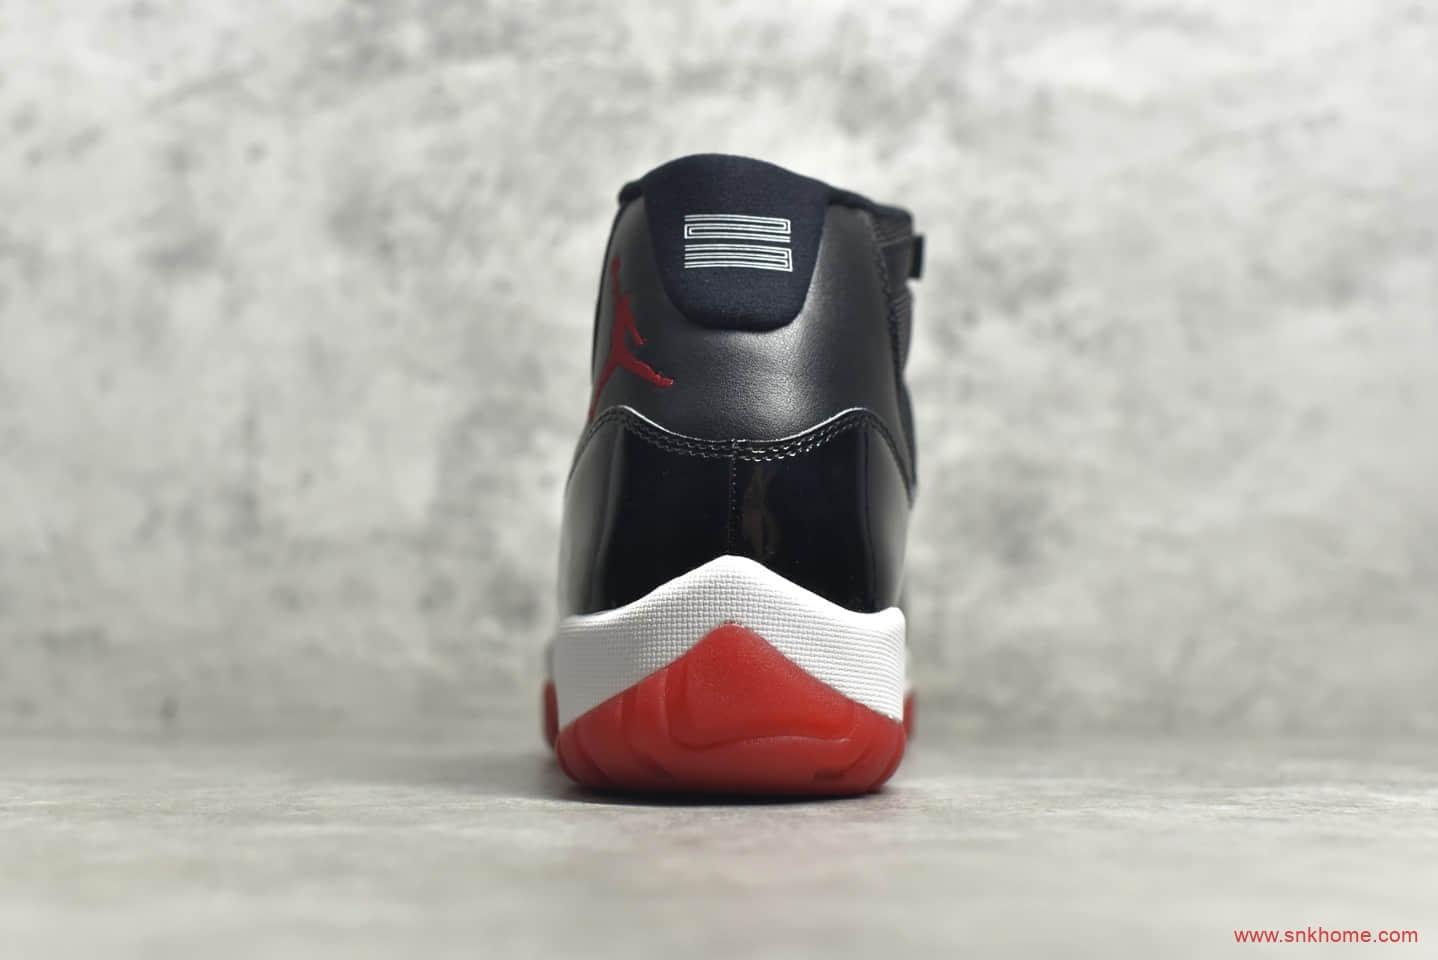 """耐克AJ11大魔王复刻H12纯原版本 Air Jordan 11 """"Concord""""AJ11大魔王黑红2019复刻款 货号:378037-061-潮流者之家"""